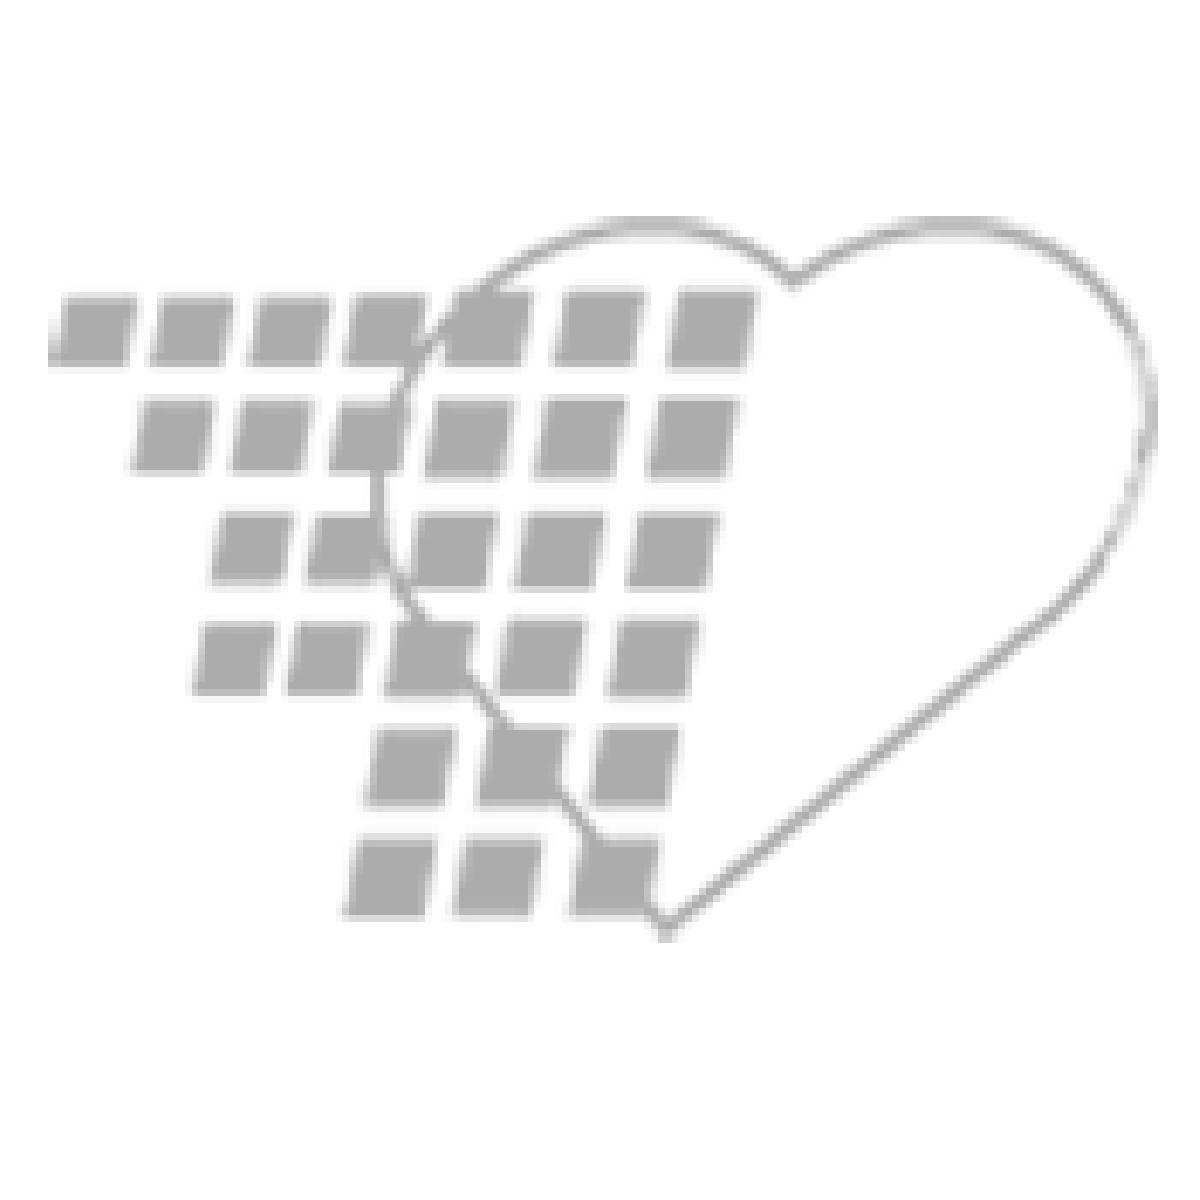 05-41-1839 - Stomahesive®  Paste 2oz Tube